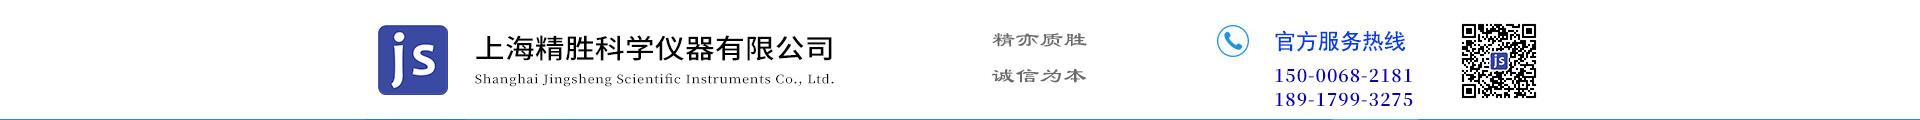 上海精勝科學儀器有限公司